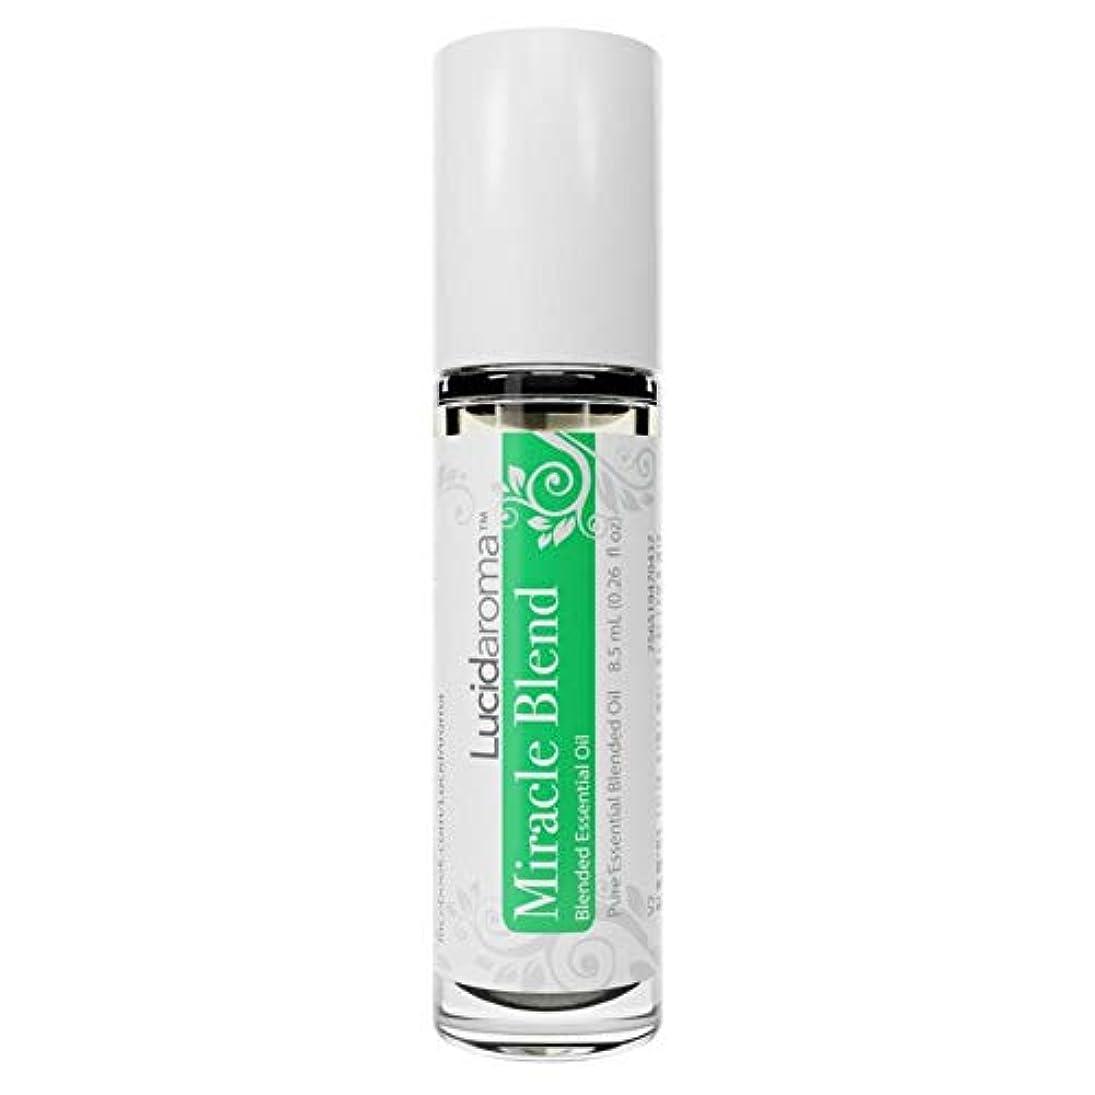 良さ膨らみクラッチLucid Aroma Miracle Blend ミラクル ブレンド ロールオン アロマオイル 8.5mL (塗るアロマ) 100%天然 携帯便利 ピュア エッセンシャル アメリカ製